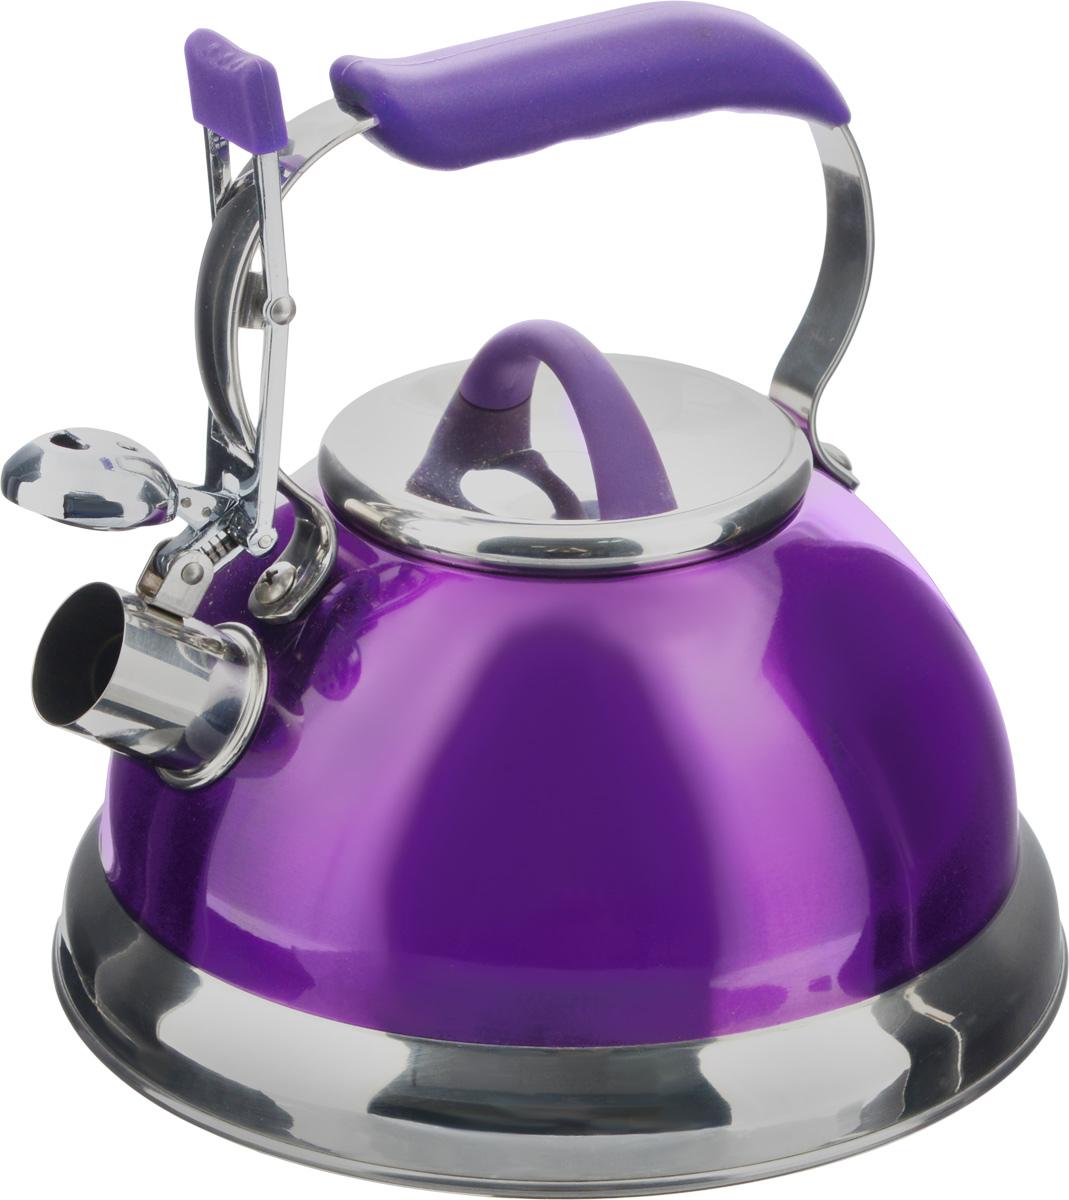 Чайник Calve, со свистком, цвет: фиолетовый, 2,7 лCL-1461_фиолетовыйЧайник Calve изготовлен из высококачественной нержавеющей стали с термоаккумулирующим дном. Нержавеющая сталь обладает высокой устойчивостью к коррозии, не вступает в реакцию с холодными и горячими продуктами и полностью сохраняет их вкусовые качества. Особая конструкция дна способствует высокой теплопроводности и равномерному распределению тепла. Чайник оснащен удобной бакелитовойручкой с силиконовым покрытием. Носик чайника имеет откидной свисток, звуковой сигнал которого подскажет, когда закипит вода. Подходит для всех типов плит, включая индукционные. Можно мыть в посудомоечной машине.Диаметр чайника (по верхнему краю): 10,5 см.Высота чайника (без учета ручки и крышки): 11,5 см.Высота чайника (с учетом ручки): 21 см.